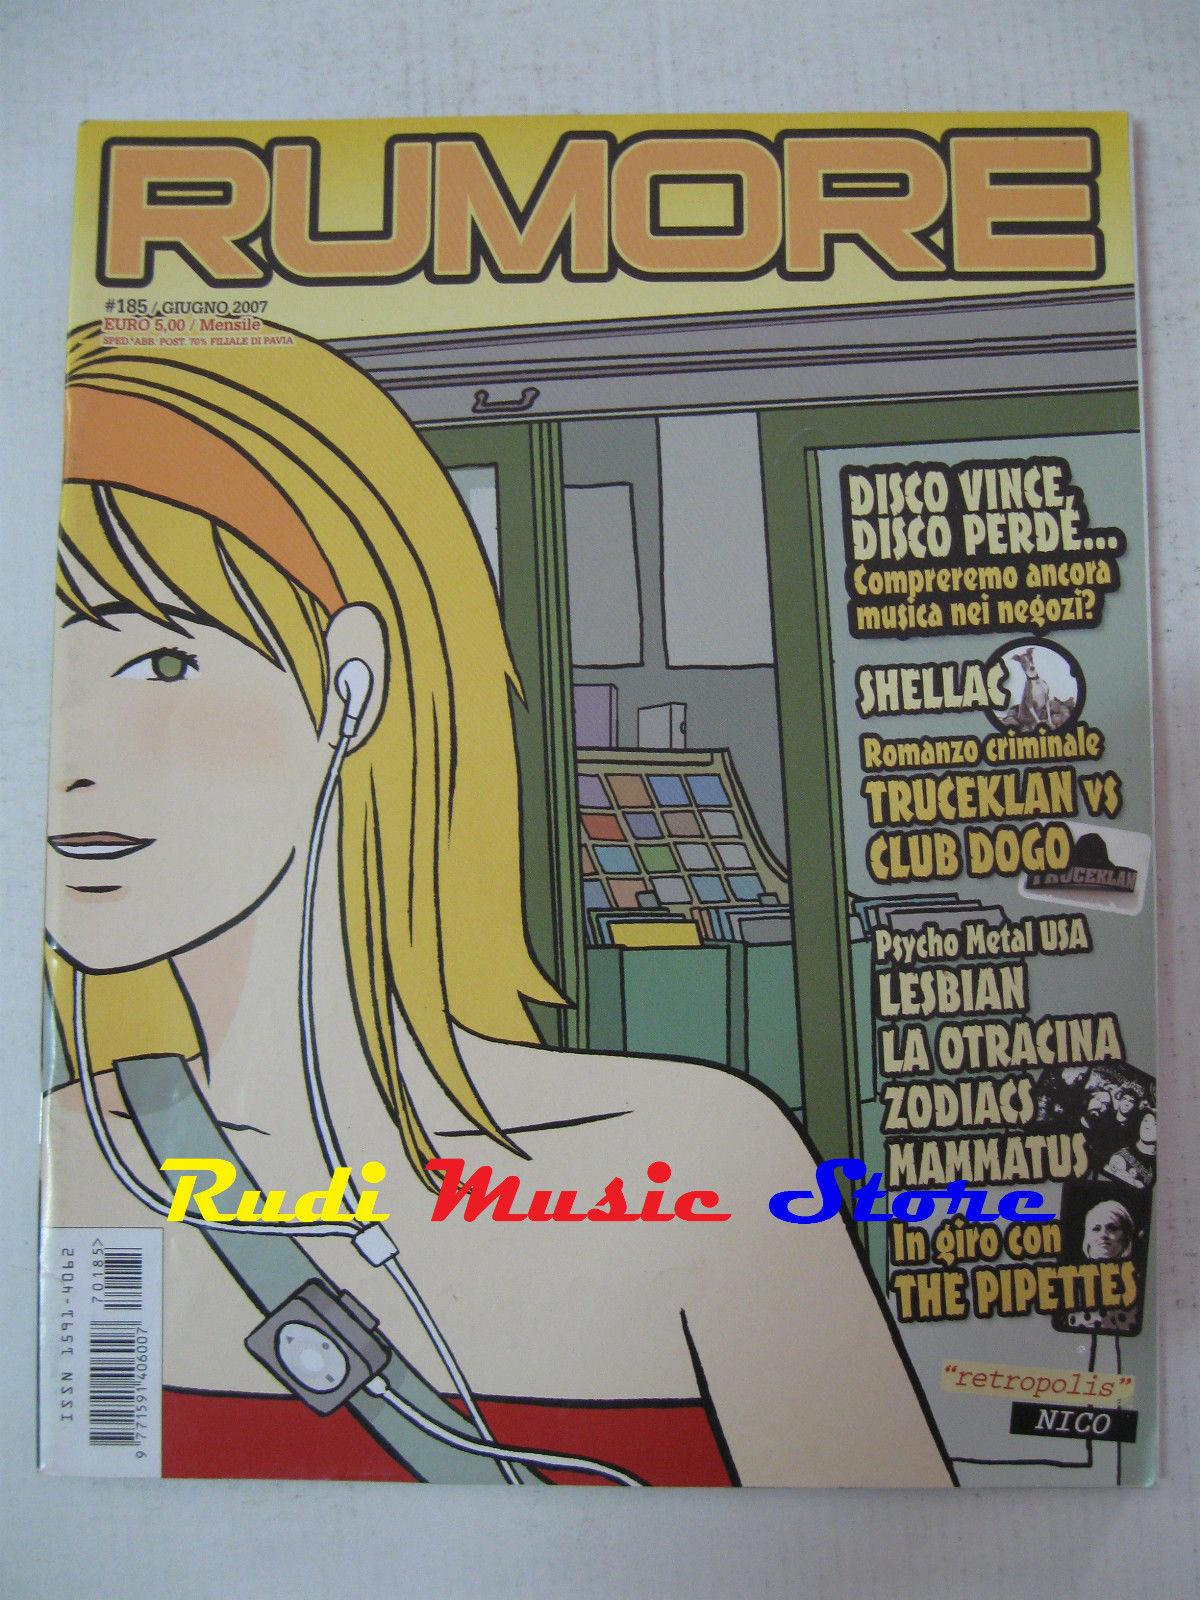 Rumore # 185 Giugno 2007